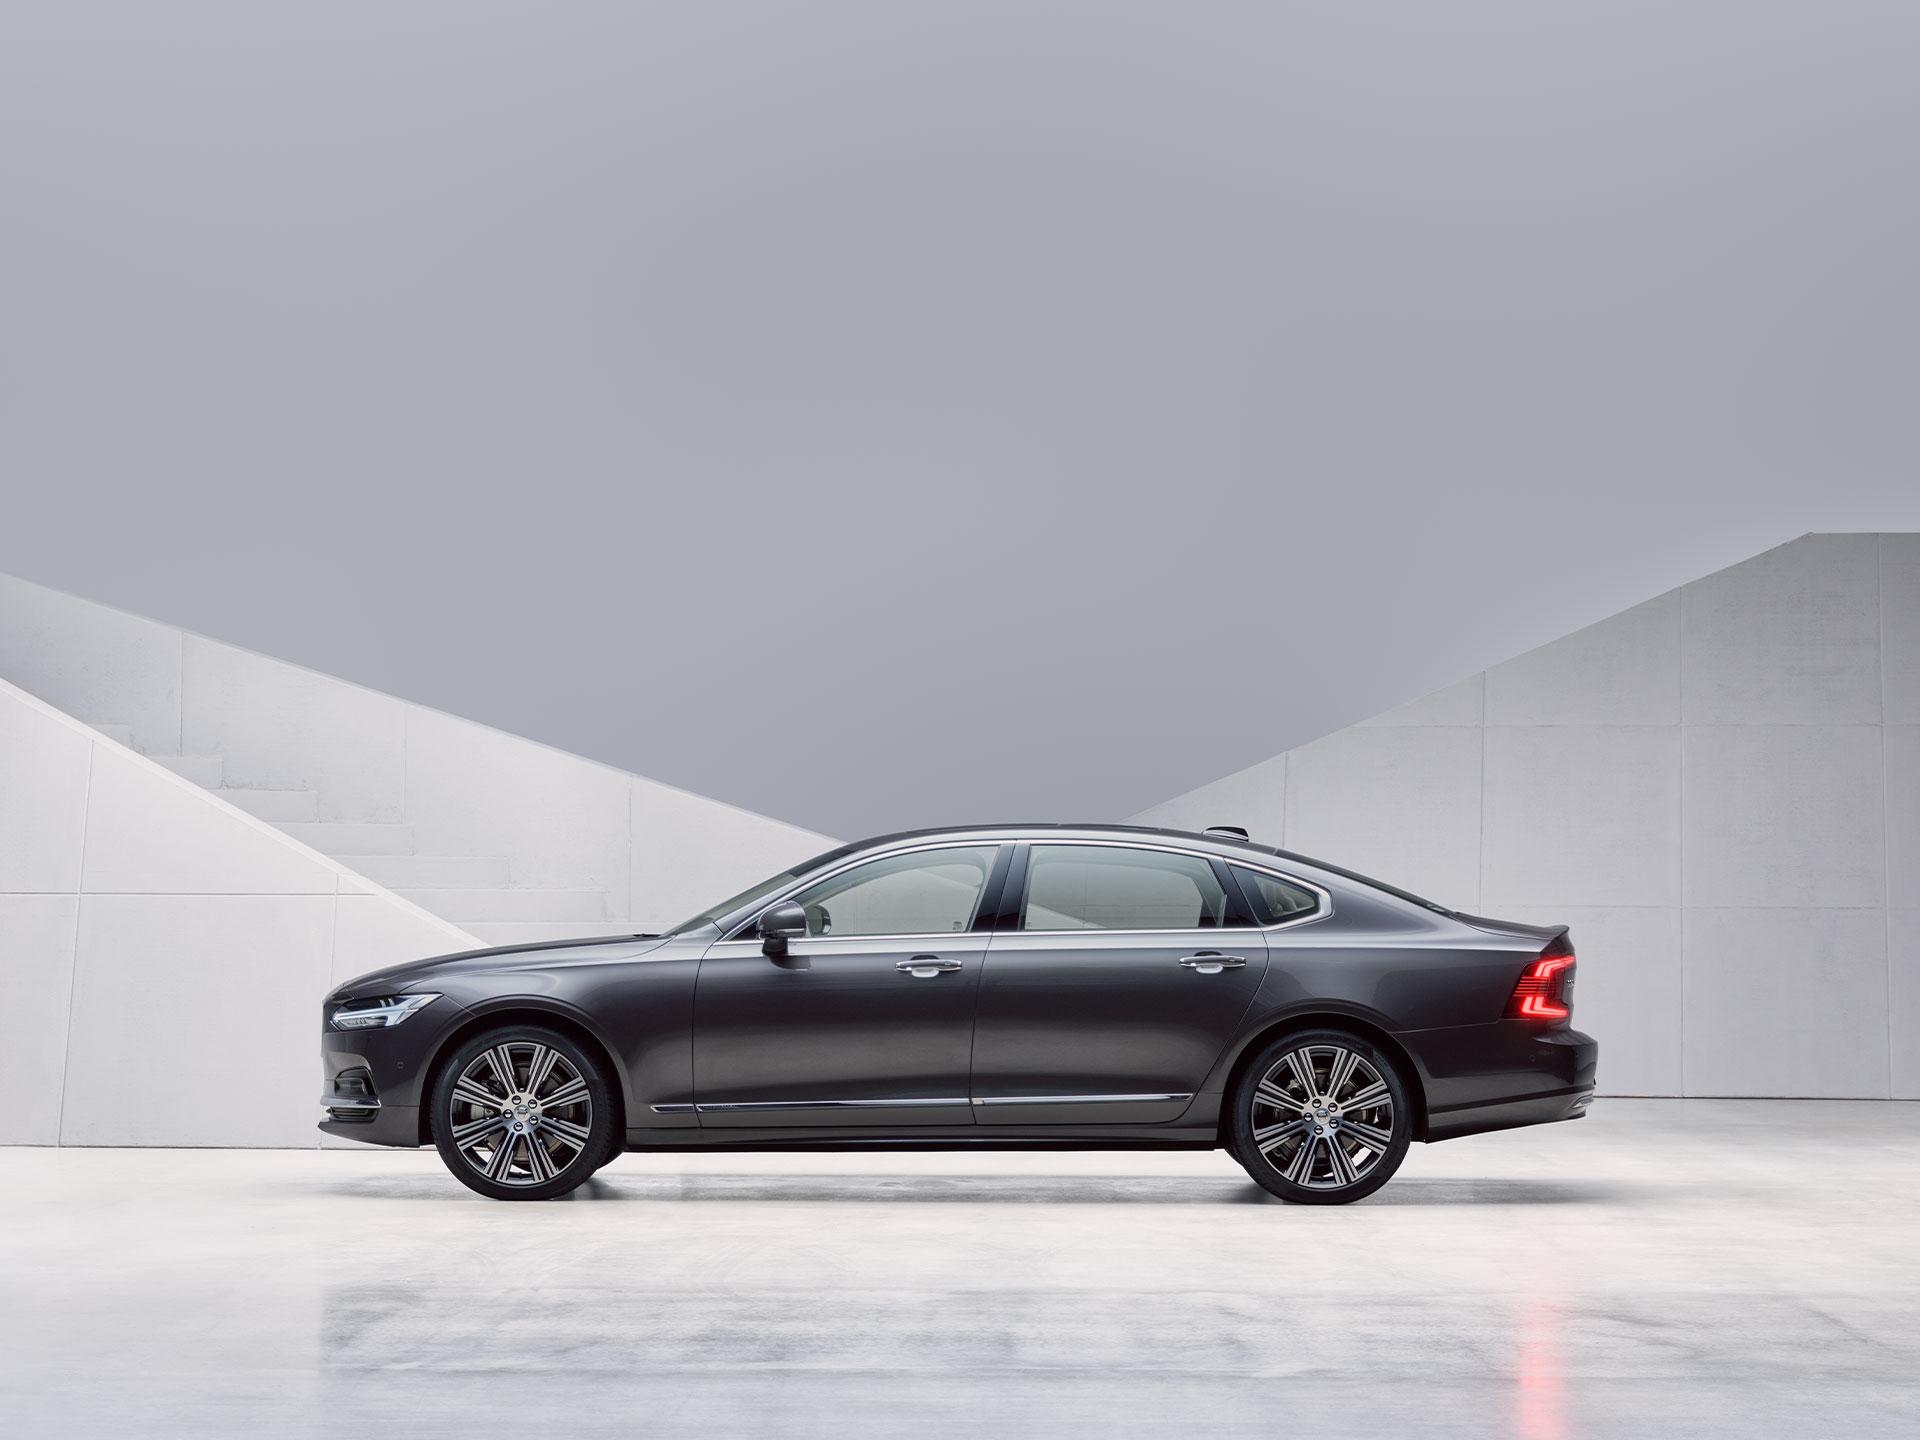 Një Volvo S90 ngjyrë e errët e parkuar përpara një muri ngjyrë gri.